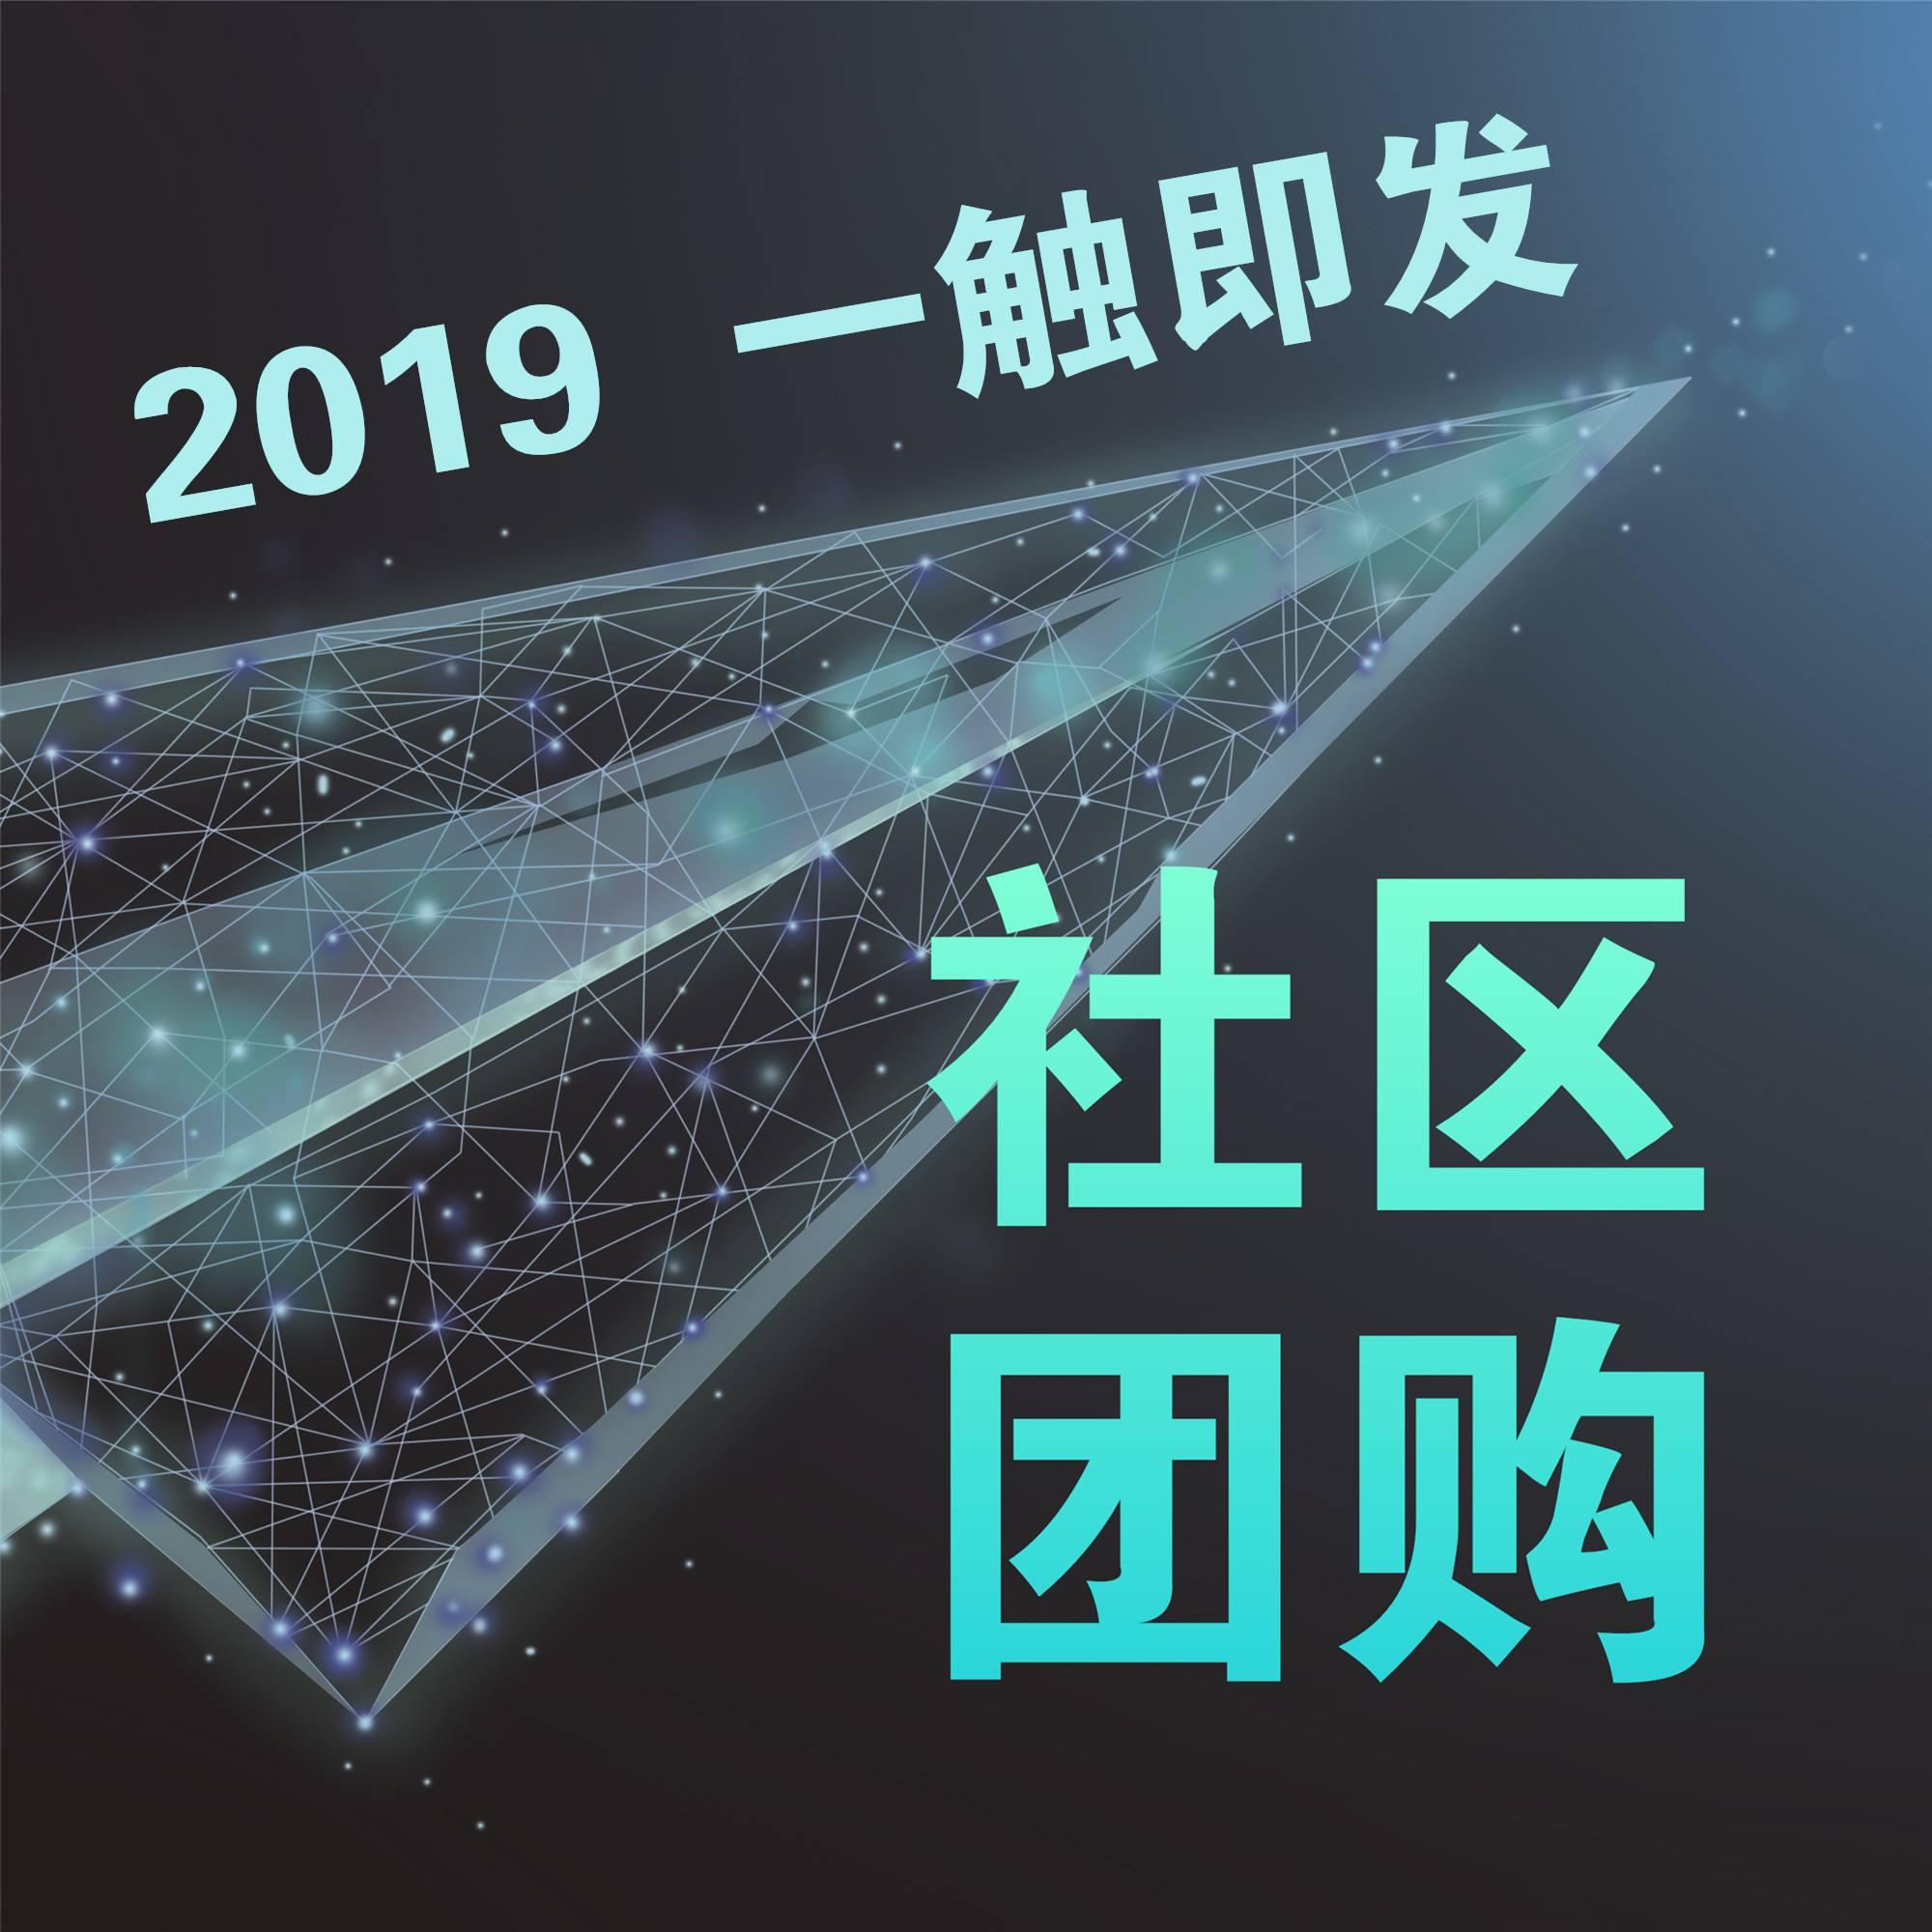 2019-4-4 1.jpg